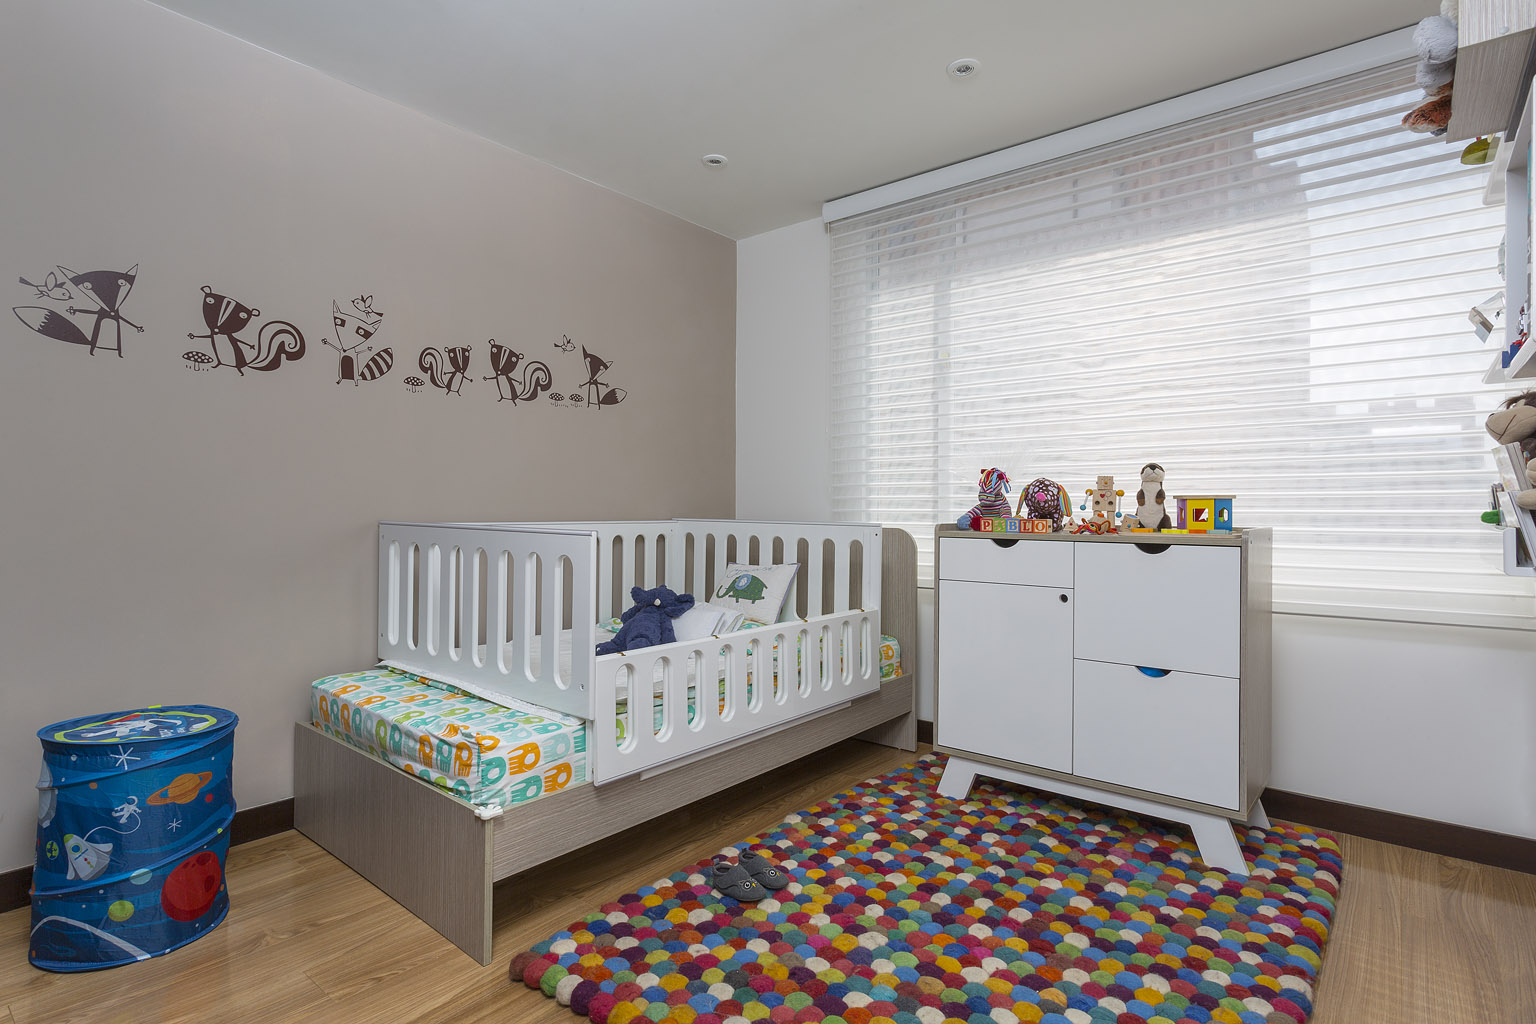 Cuartos para ni os y muebles para beb s novedades - Habitaciones decoradas para ninos ...